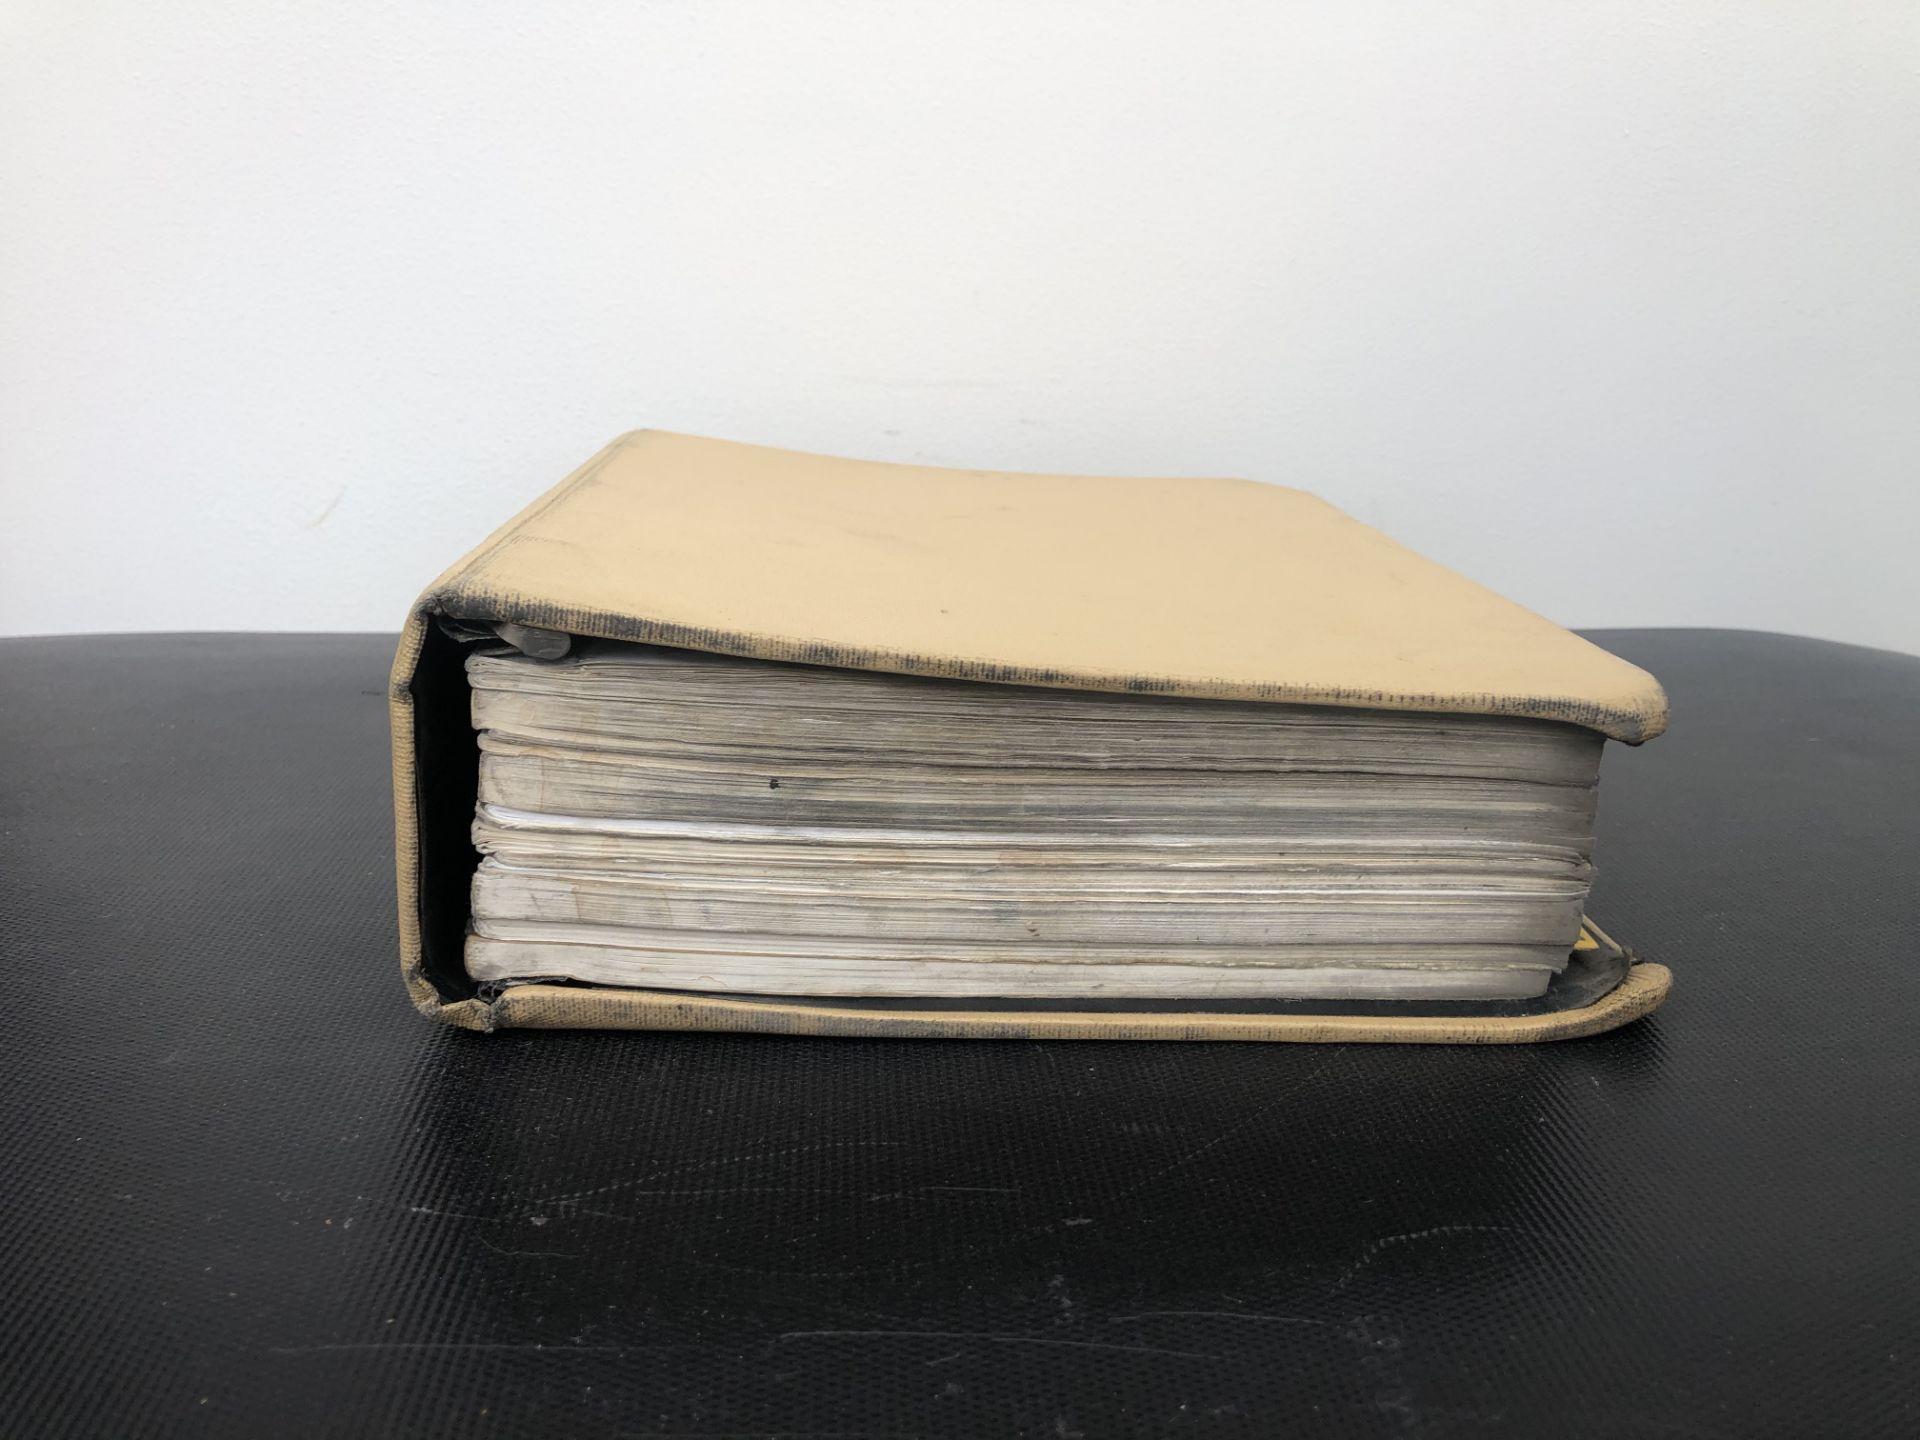 CATERPILLAR 950B BOOK 2 SERVICE MANUAL, GENUINE FACTORY CAT WORKSHOP MANUAL - Image 2 of 3